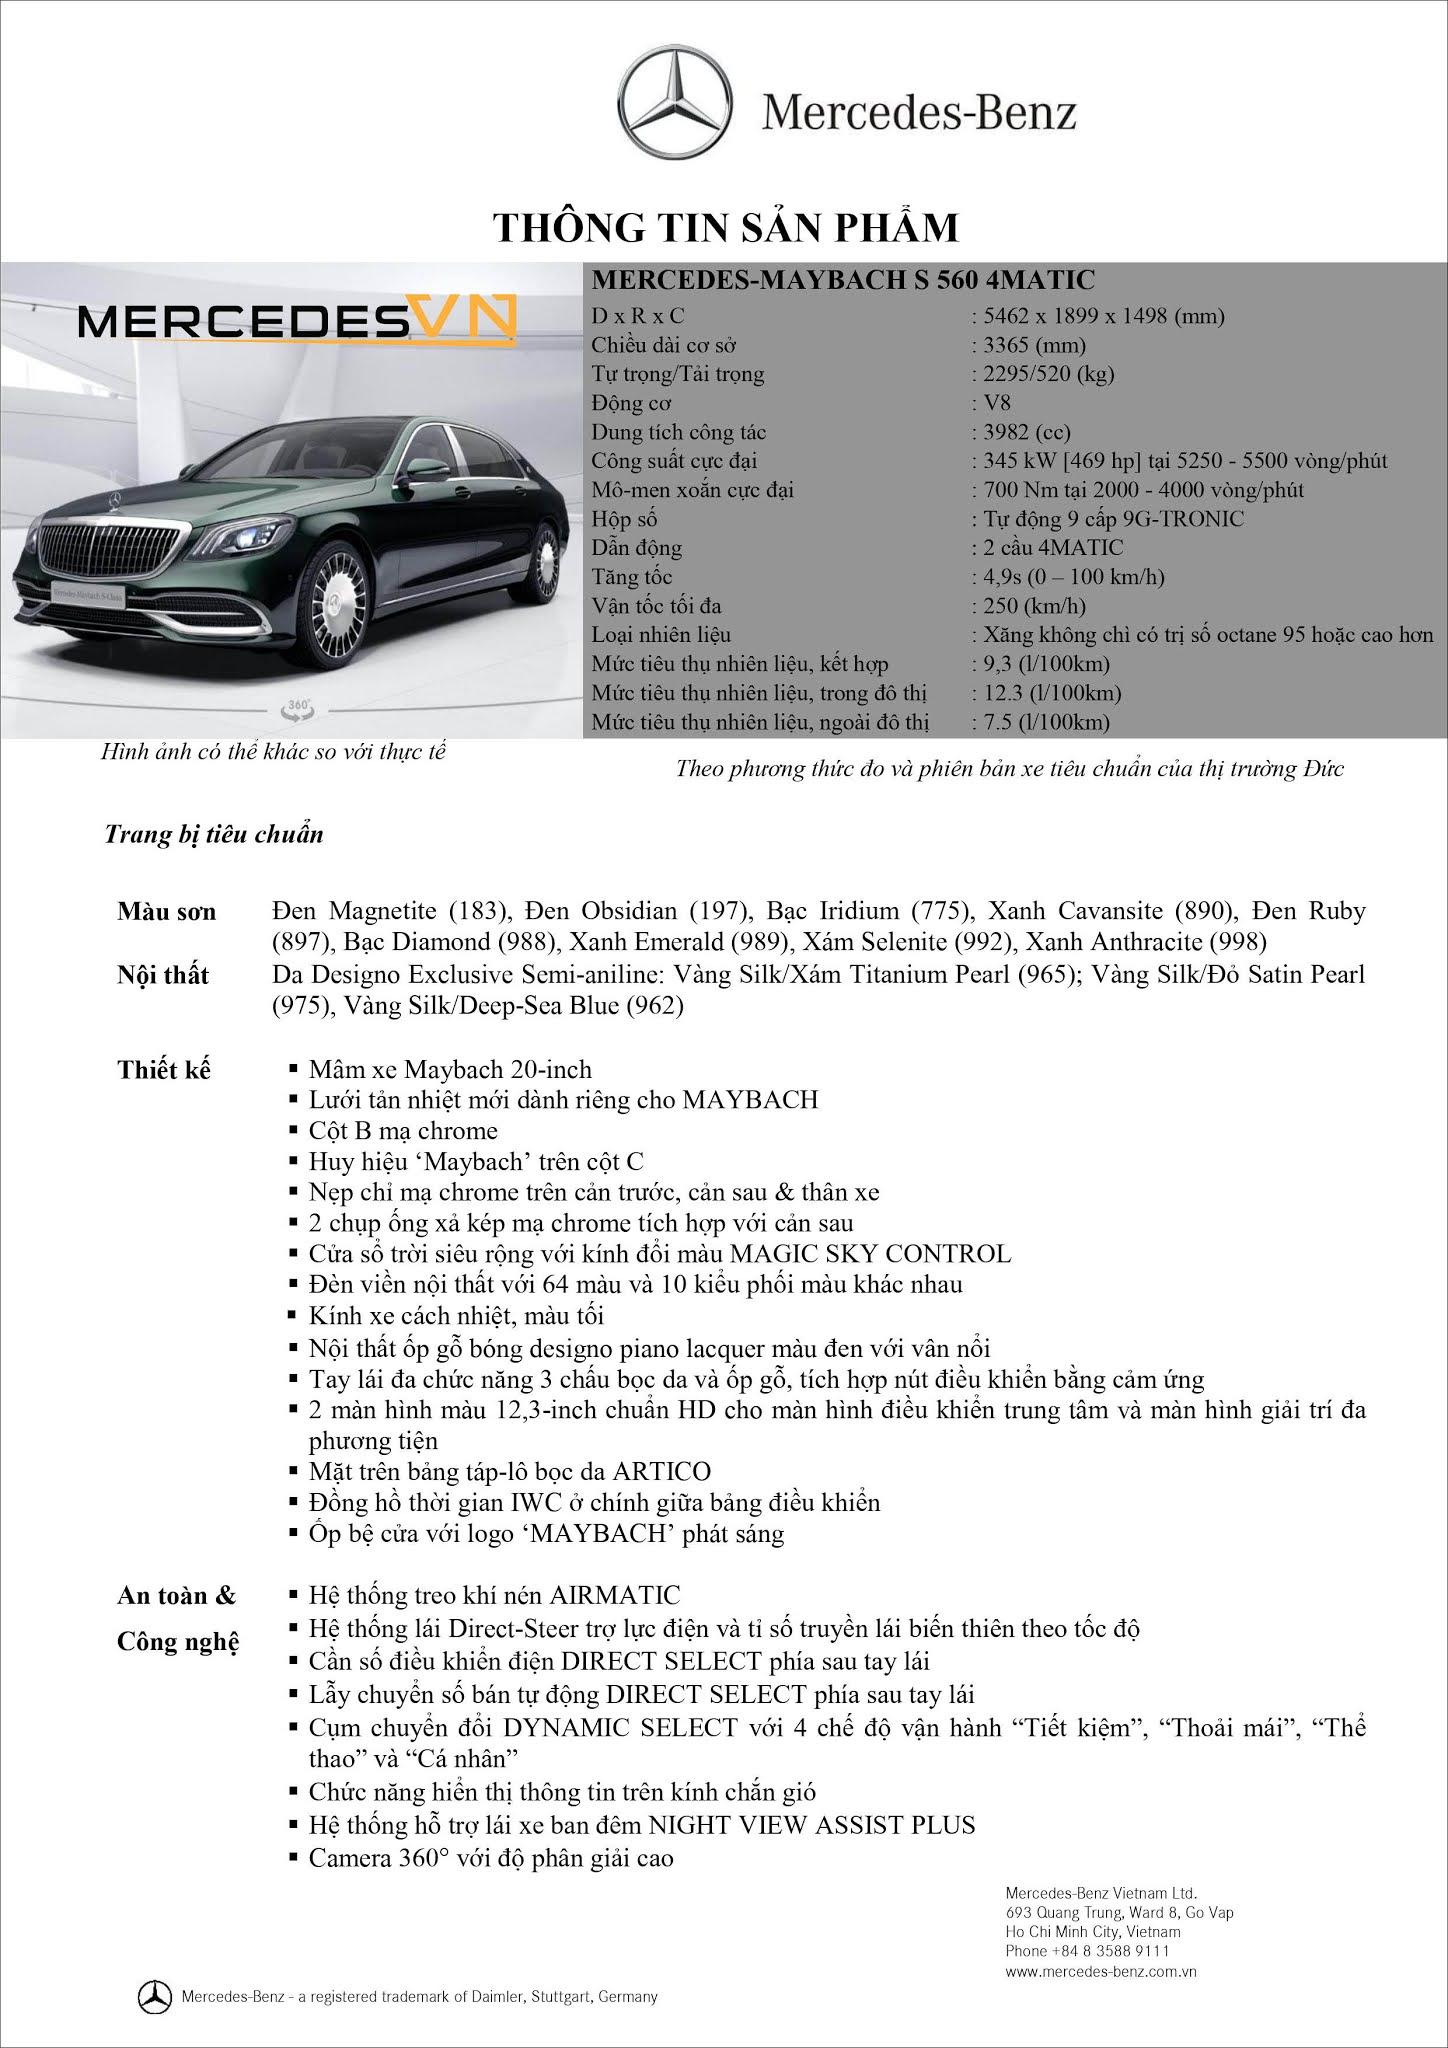 Bảng thông số kỹ thuật Mercedes Maybach S560 4MATIC 2021